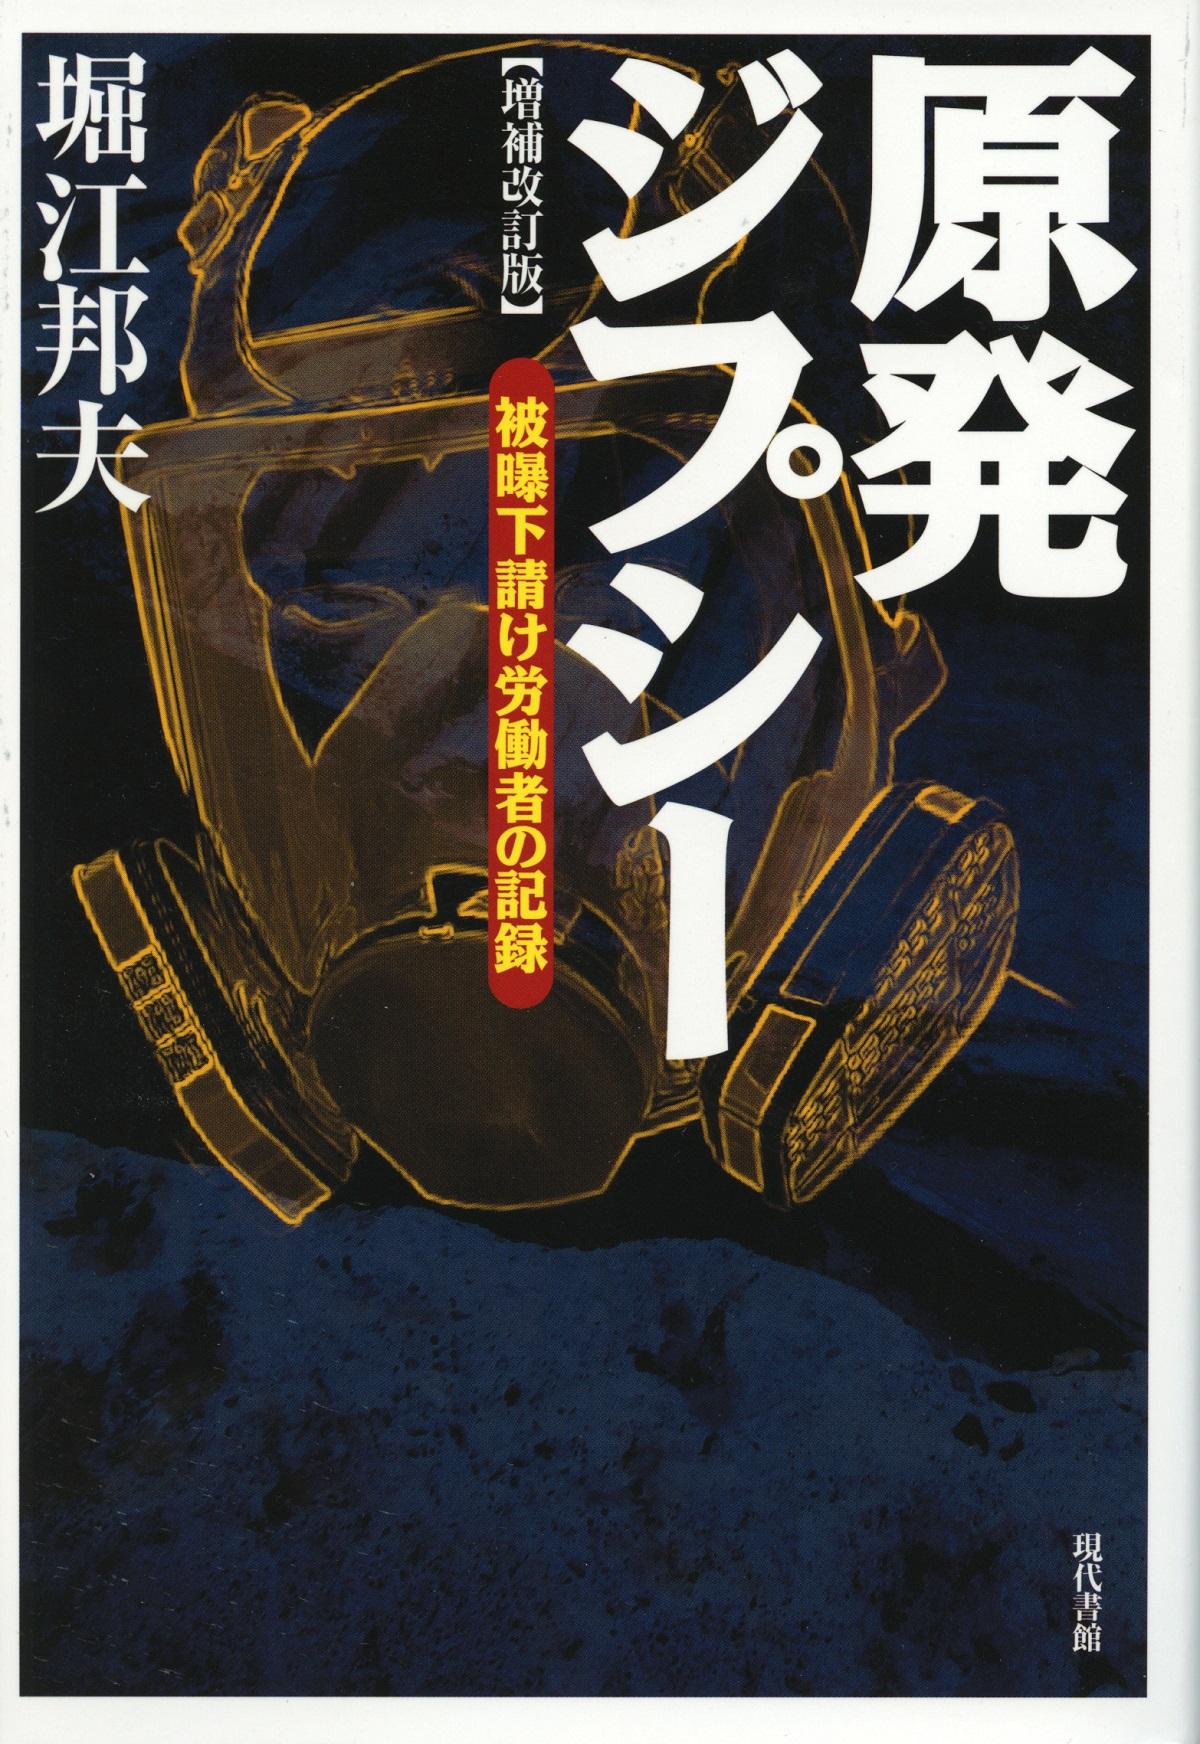 堀江邦夫『原発ジプシー』(現代書館